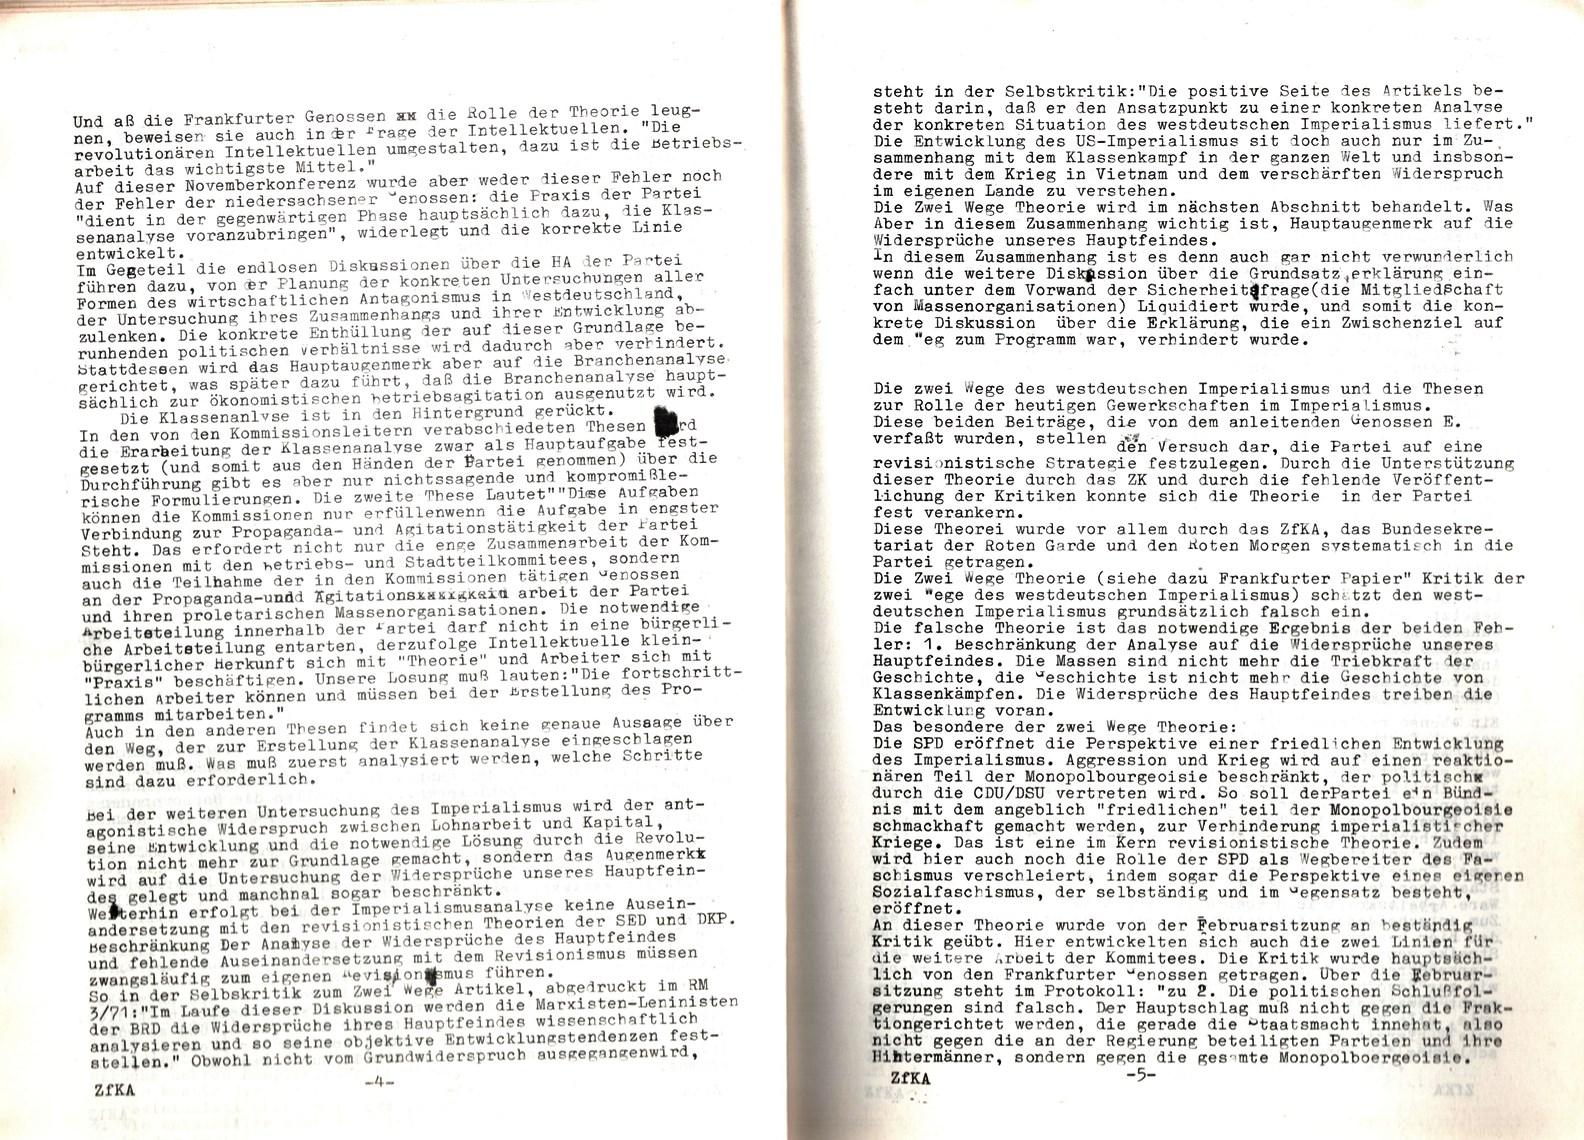 KPDML_1971_Analysen_und_Antraege_des_LV_Sued_West_035